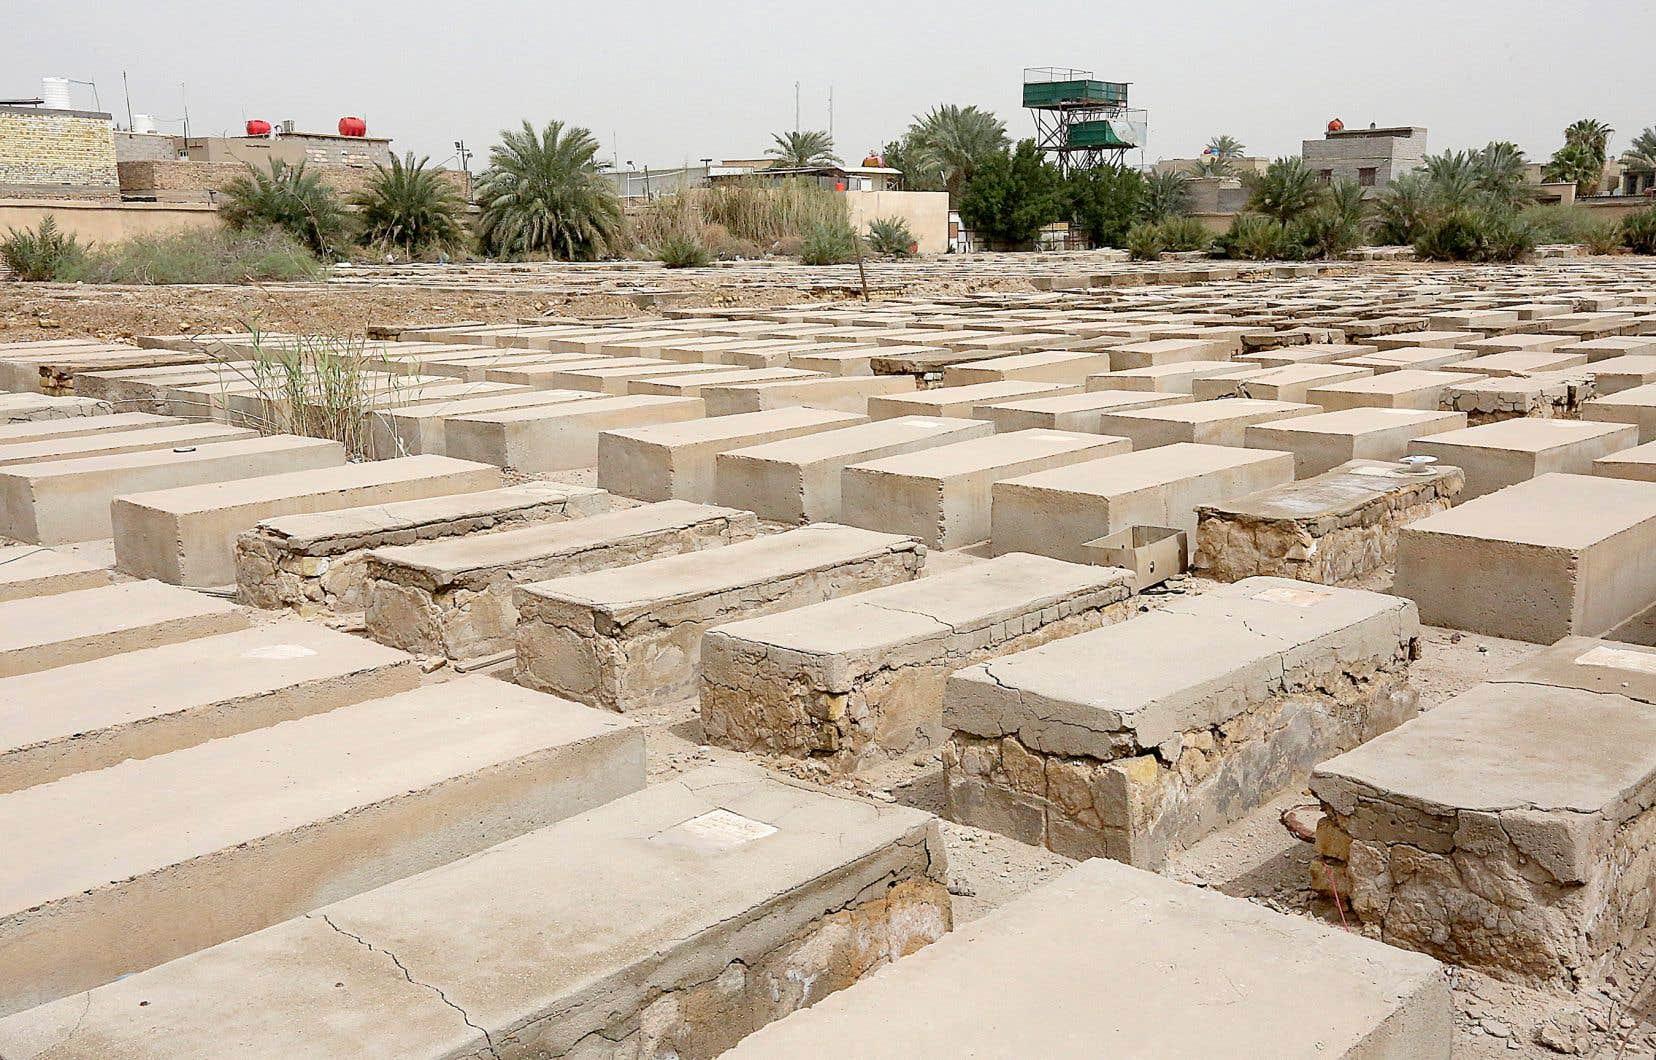 Les visiteurs se font rares au cimetière juif de Habibiya, à Bagdad, la capitale irakienne. Mais ce dernier reste entretenu par un homme musulman âgé.